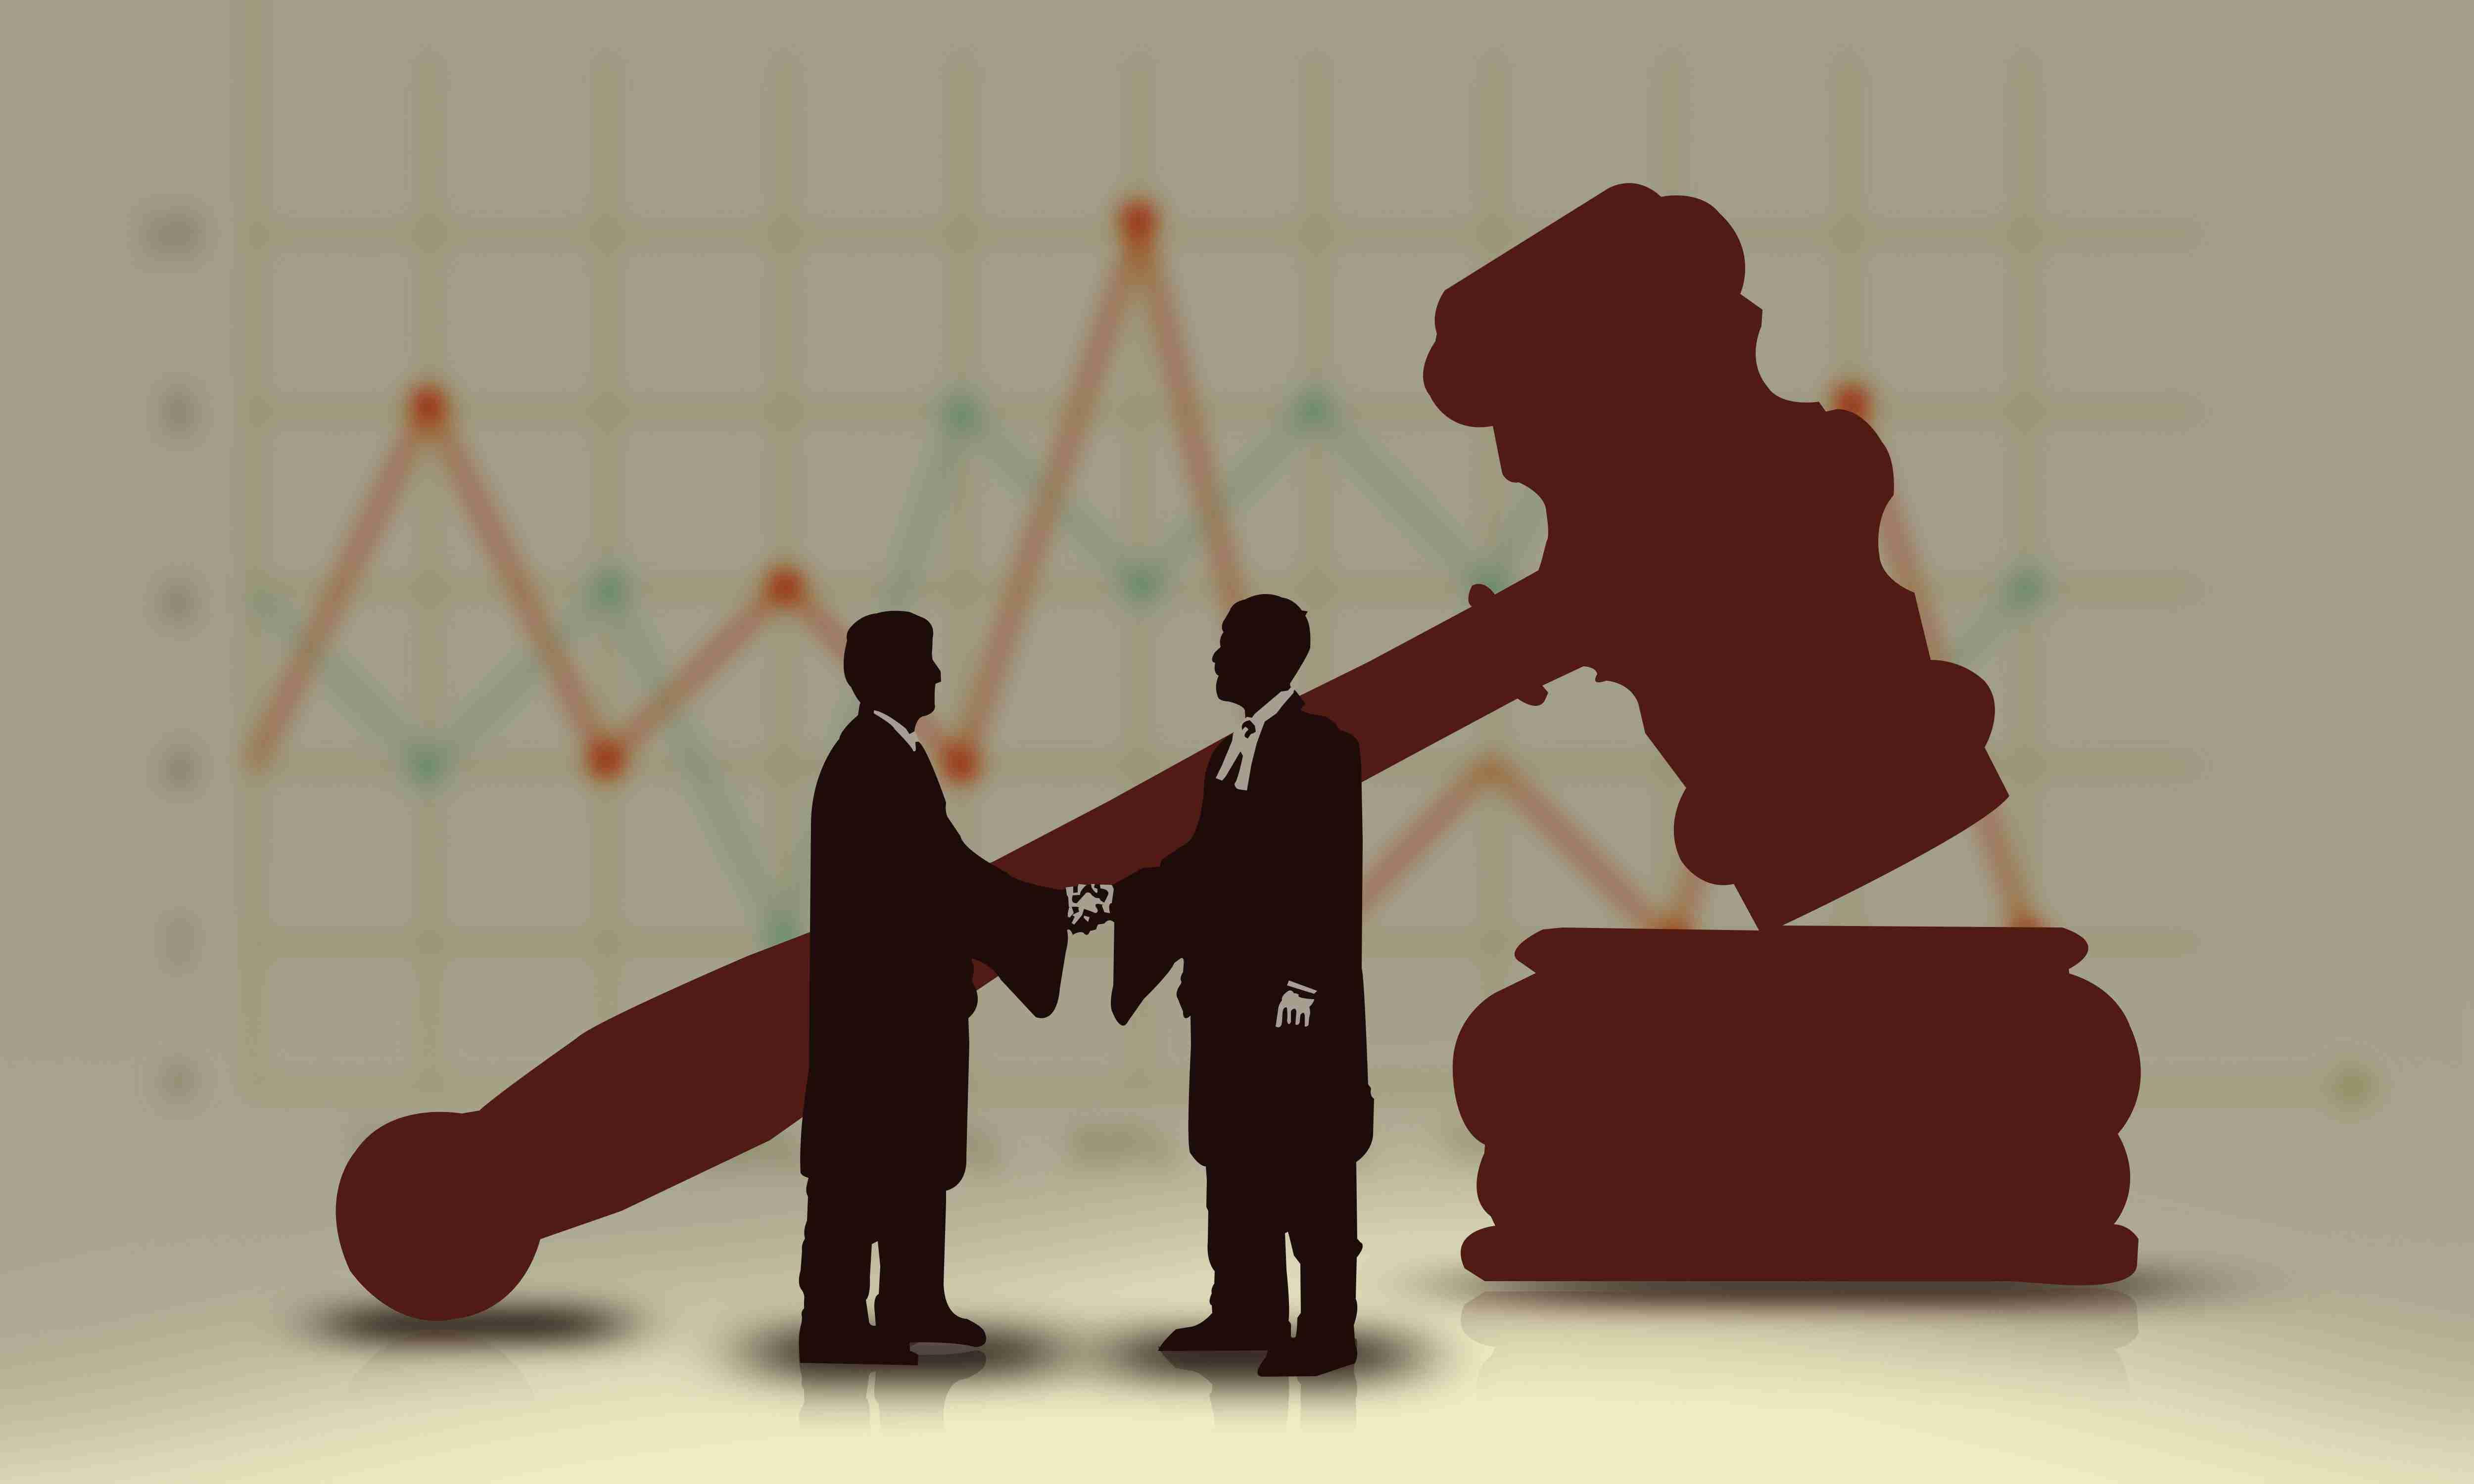 大安法院微信视频调解借贷纠纷 遇到借贷纠纷怎么办?